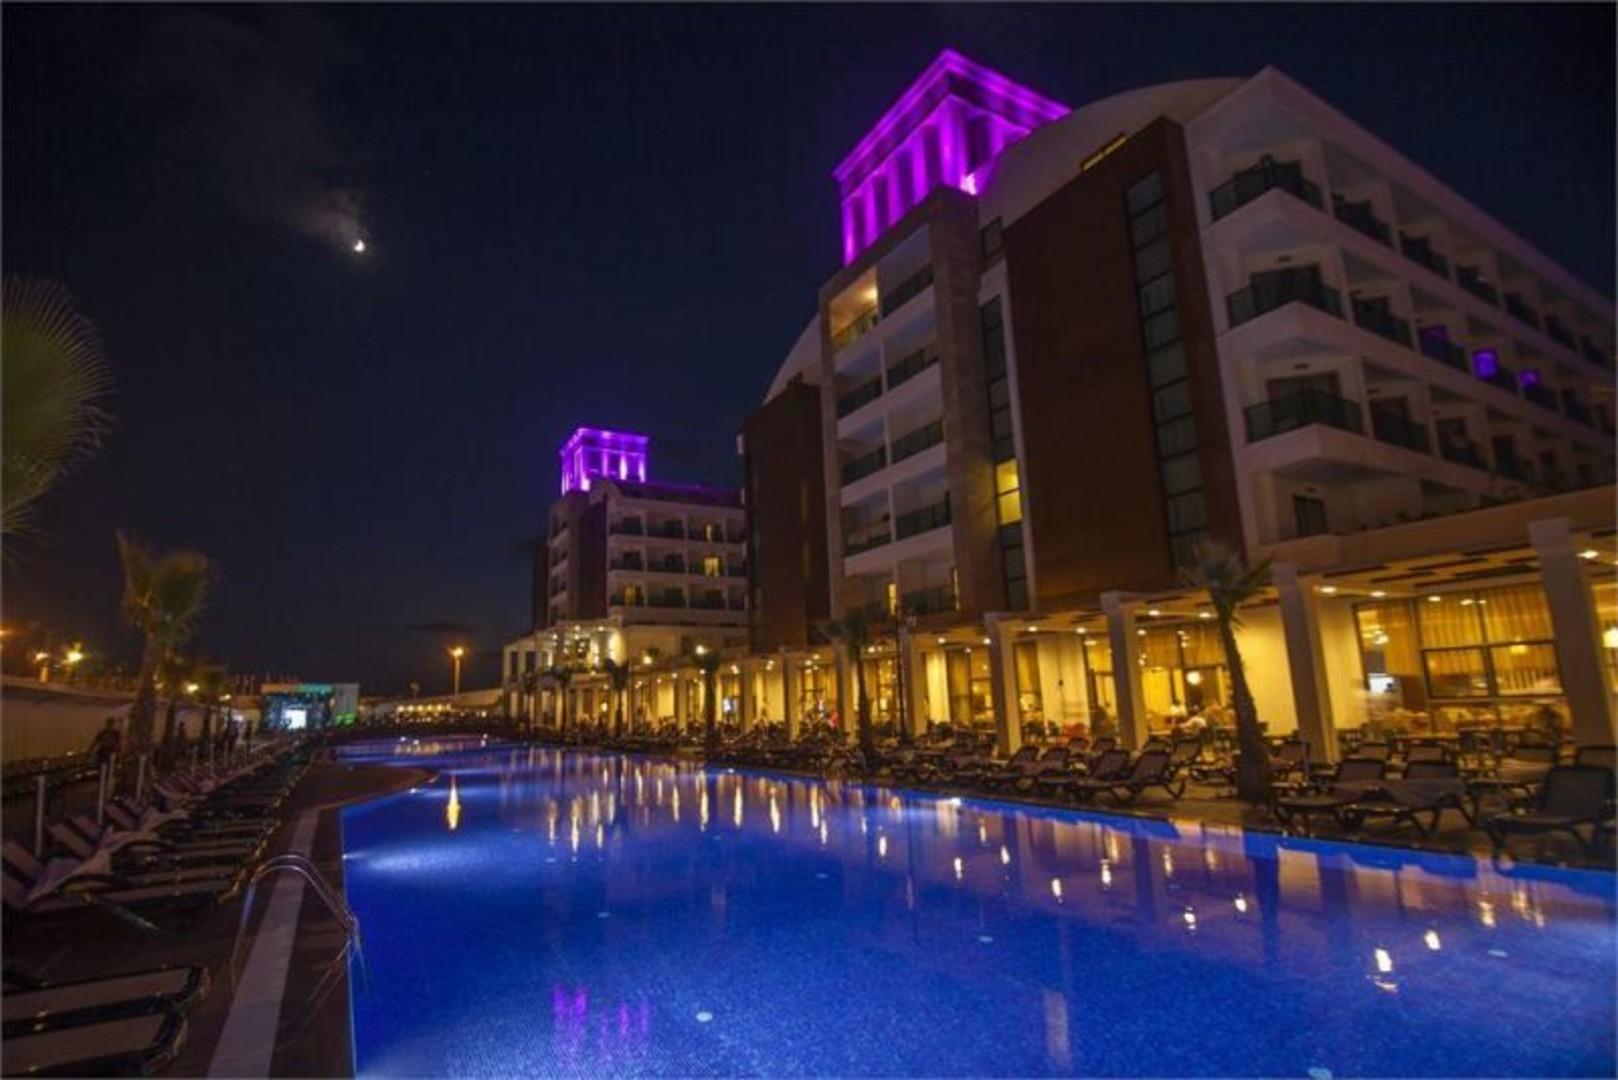 фото отеля вечером.jpg